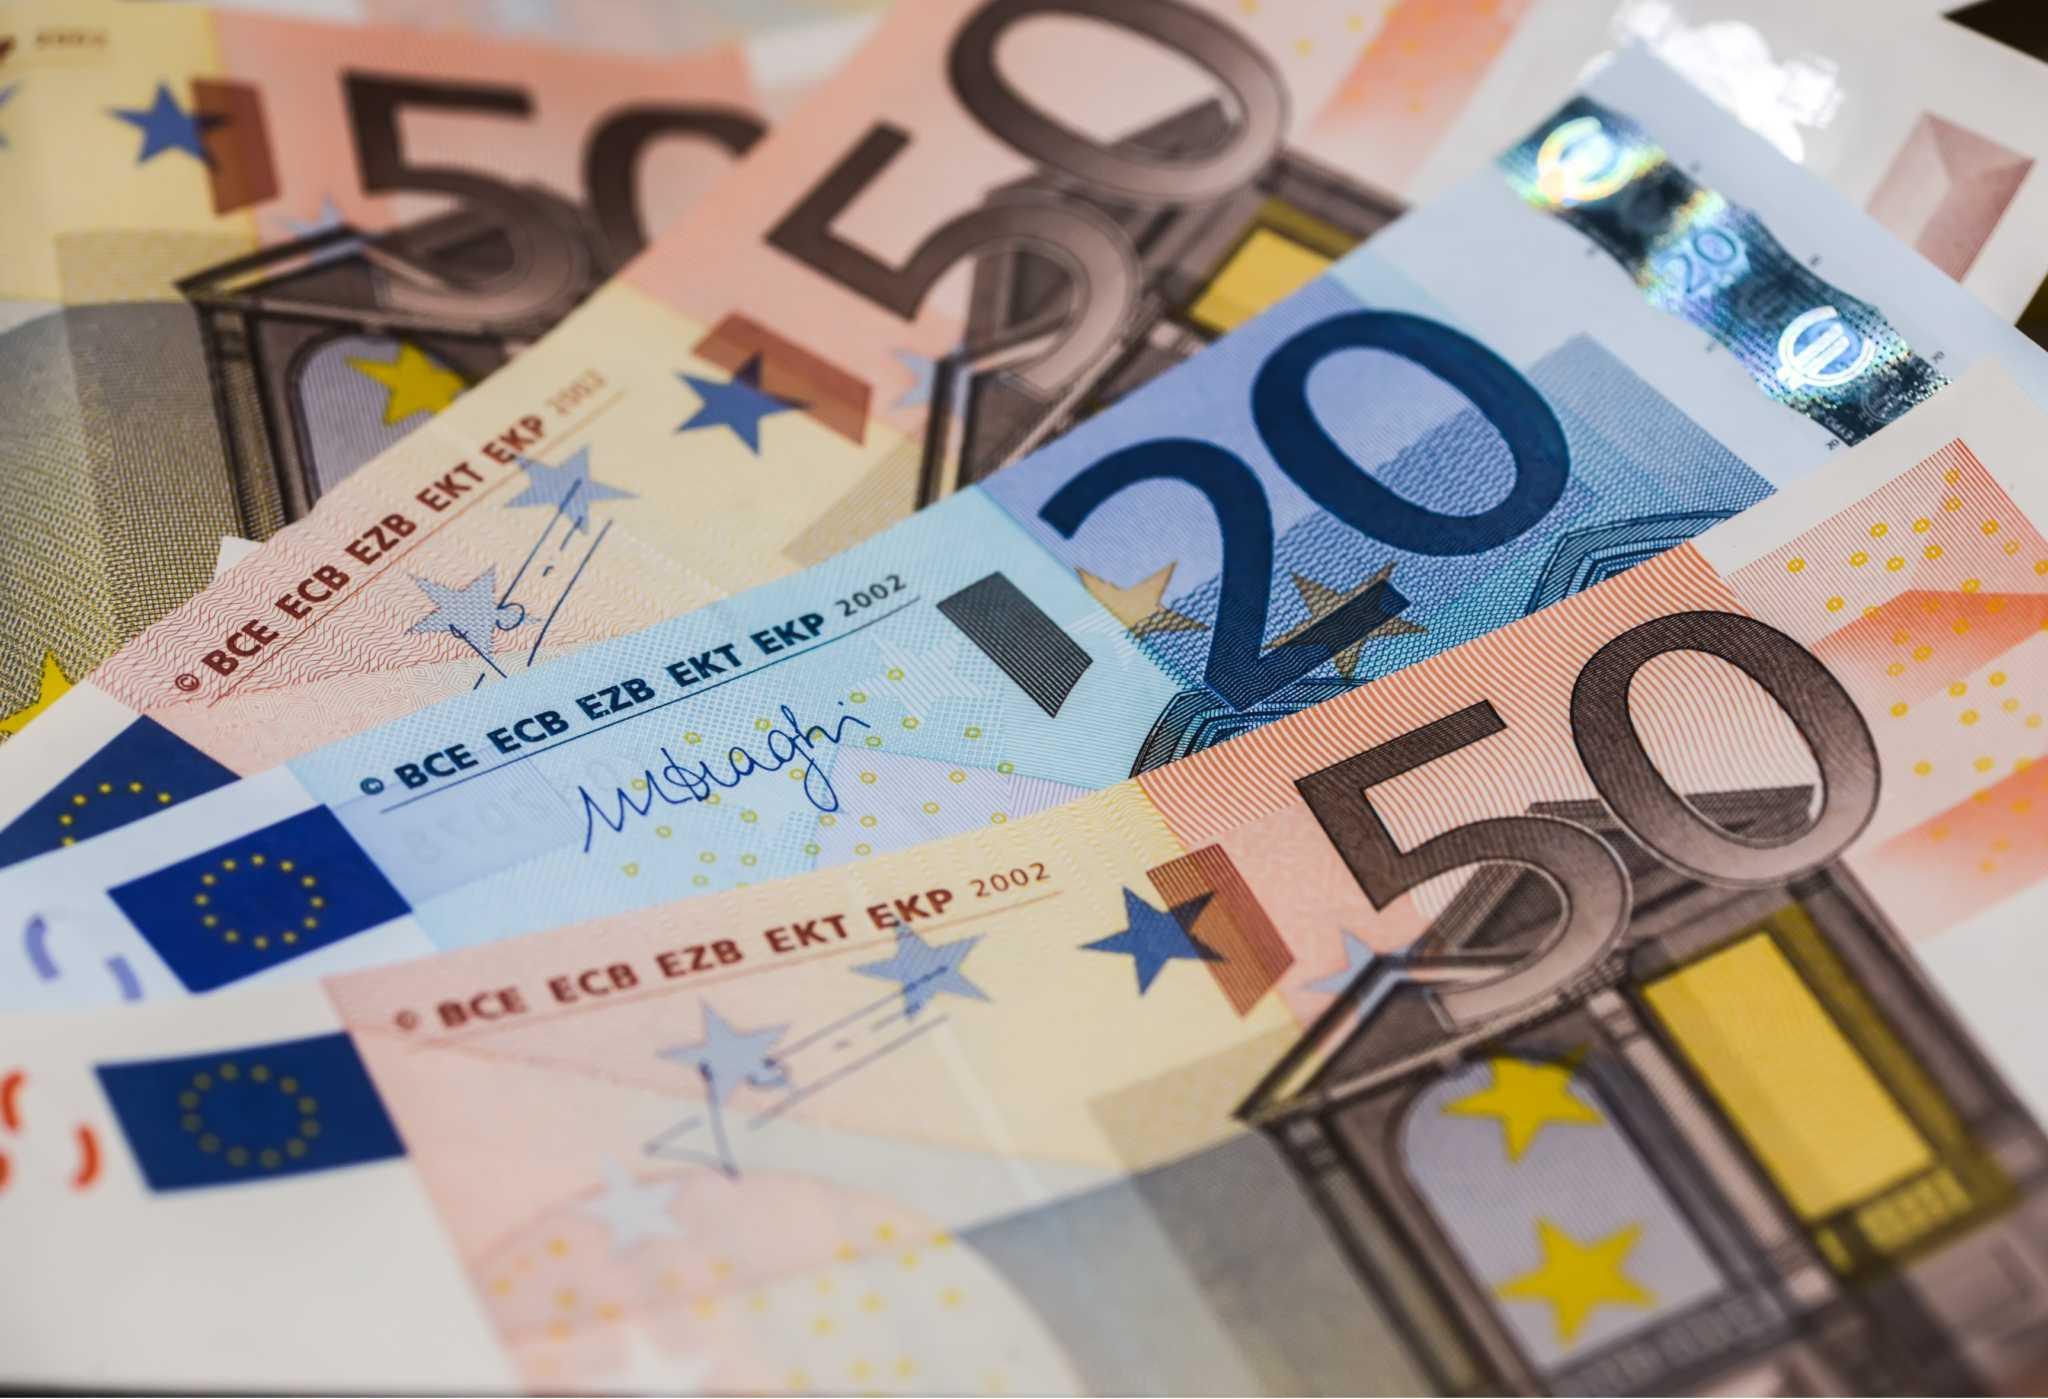 Ζημιά 200 εκατομμυρίων ευρώ στους διοργανωτές εκθέσεων